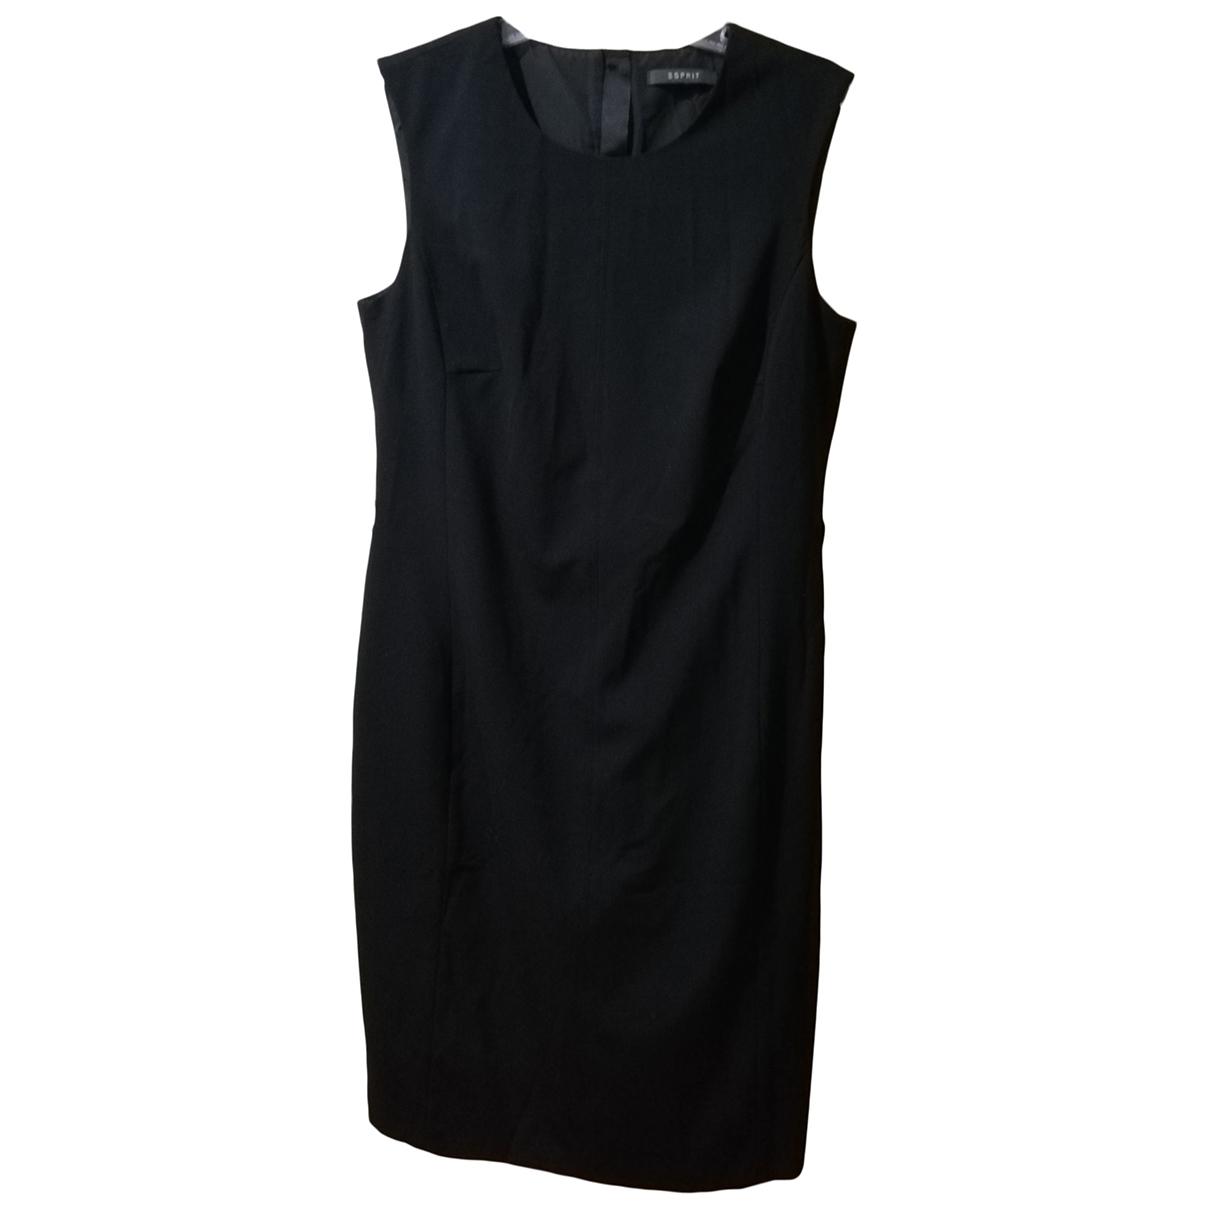 Esprit \N Kleid in  Schwarz Wolle